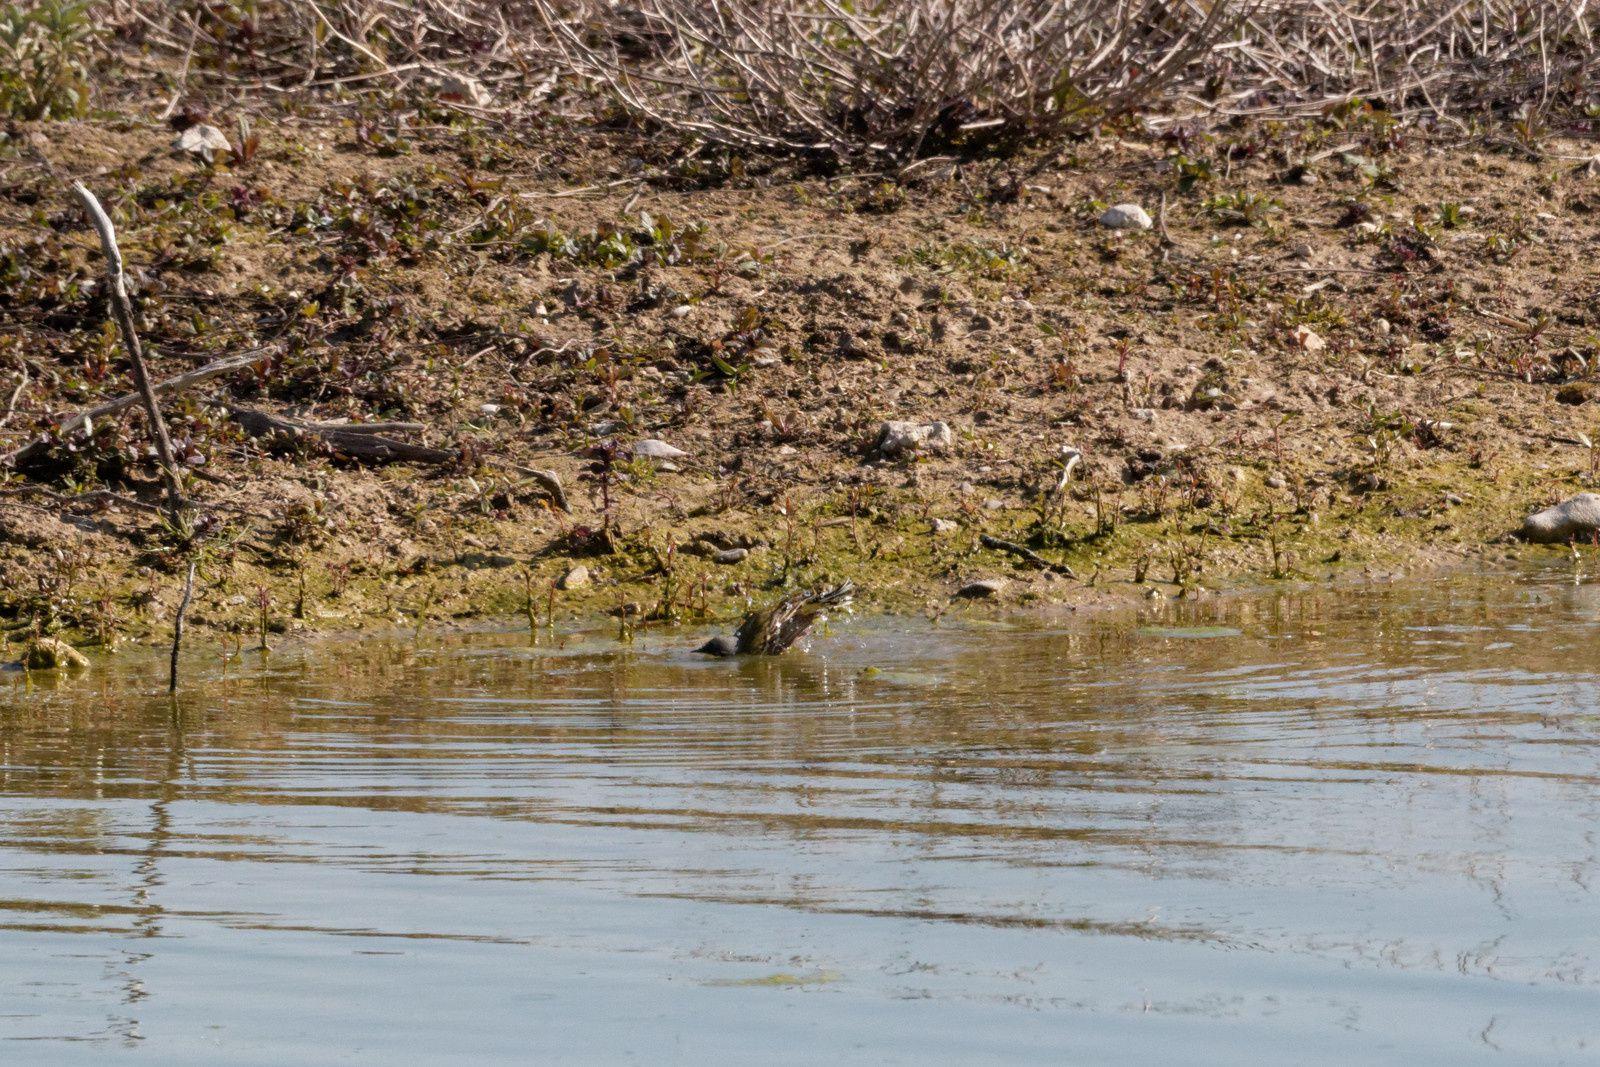 242 - Trilbardou, un bon plan pour l'ornithologie : 04/05/2016